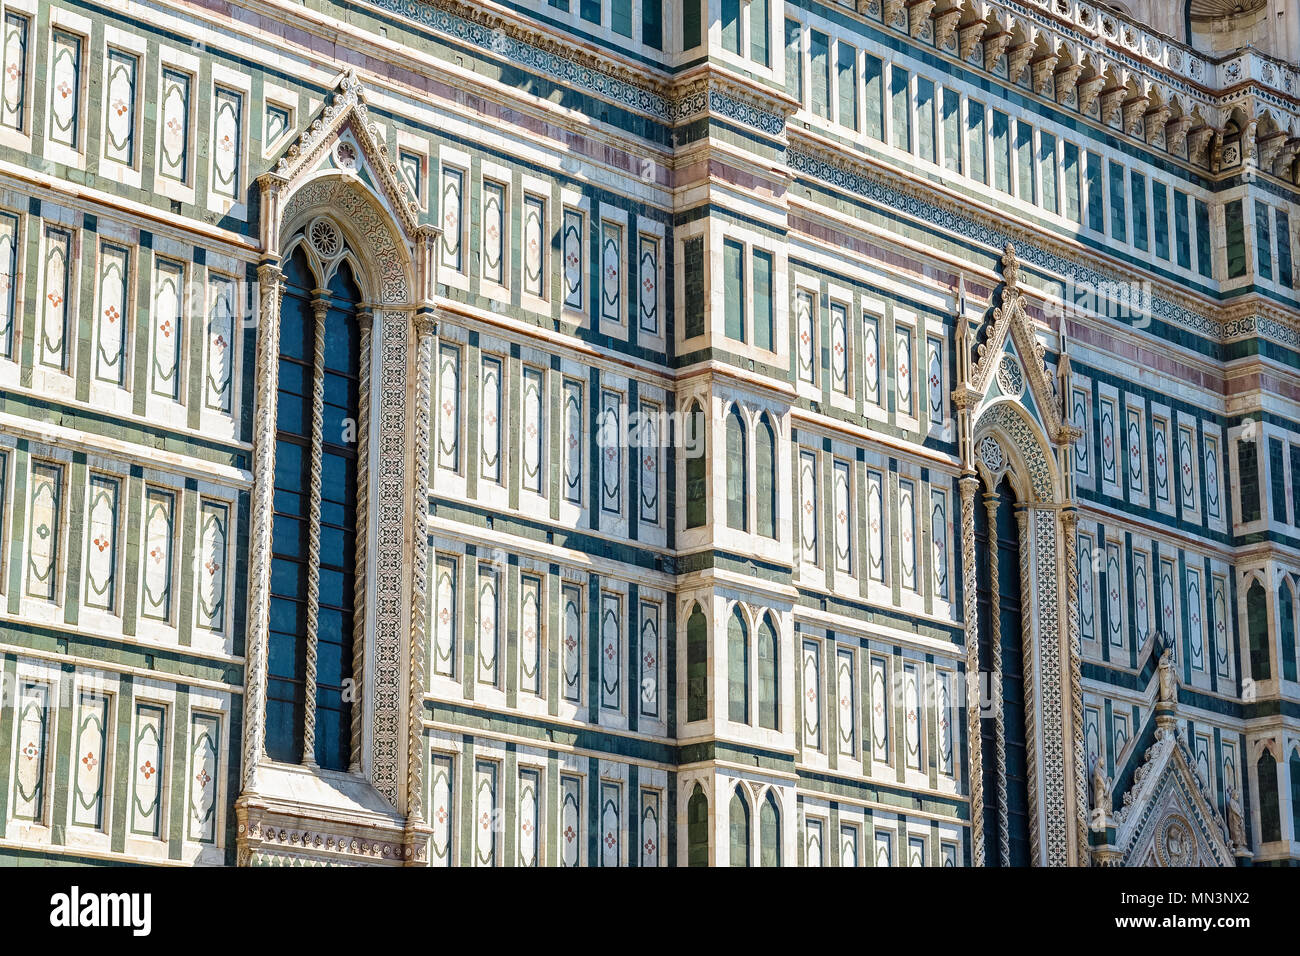 Exterior de la Cattedrale di Santa Maria del Fiore (Catedral de Santa María de la flor) en Florencia, Italia. Foto de stock